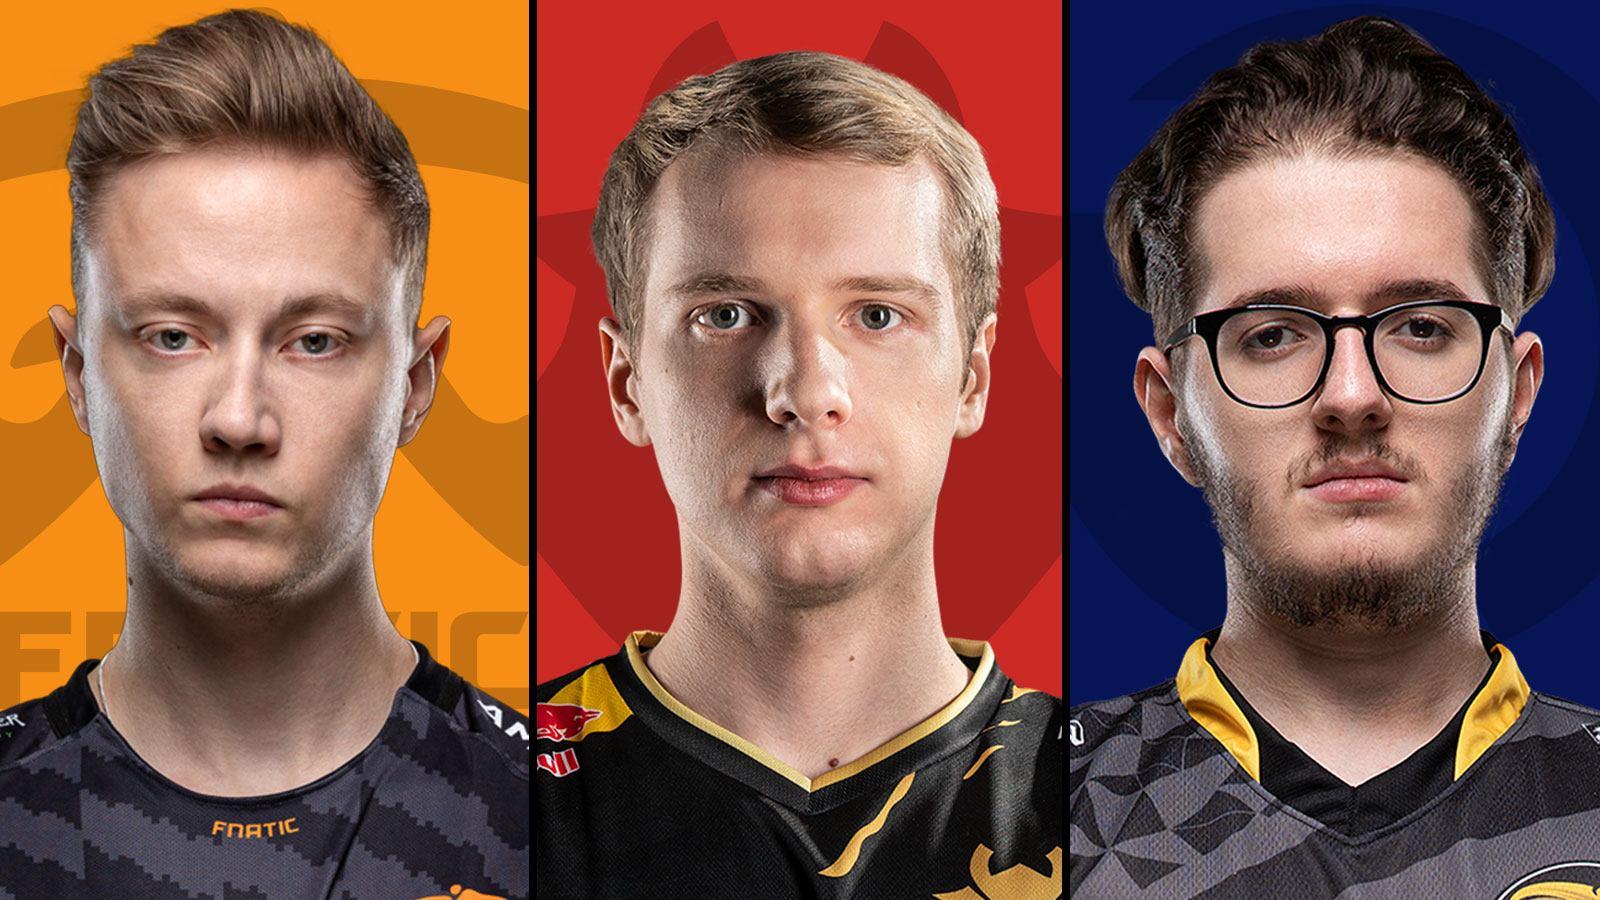 FNC Rekkles, G2 Jankos et OG Xerxe sont 3 des meilleurs joueurs européens de LoL